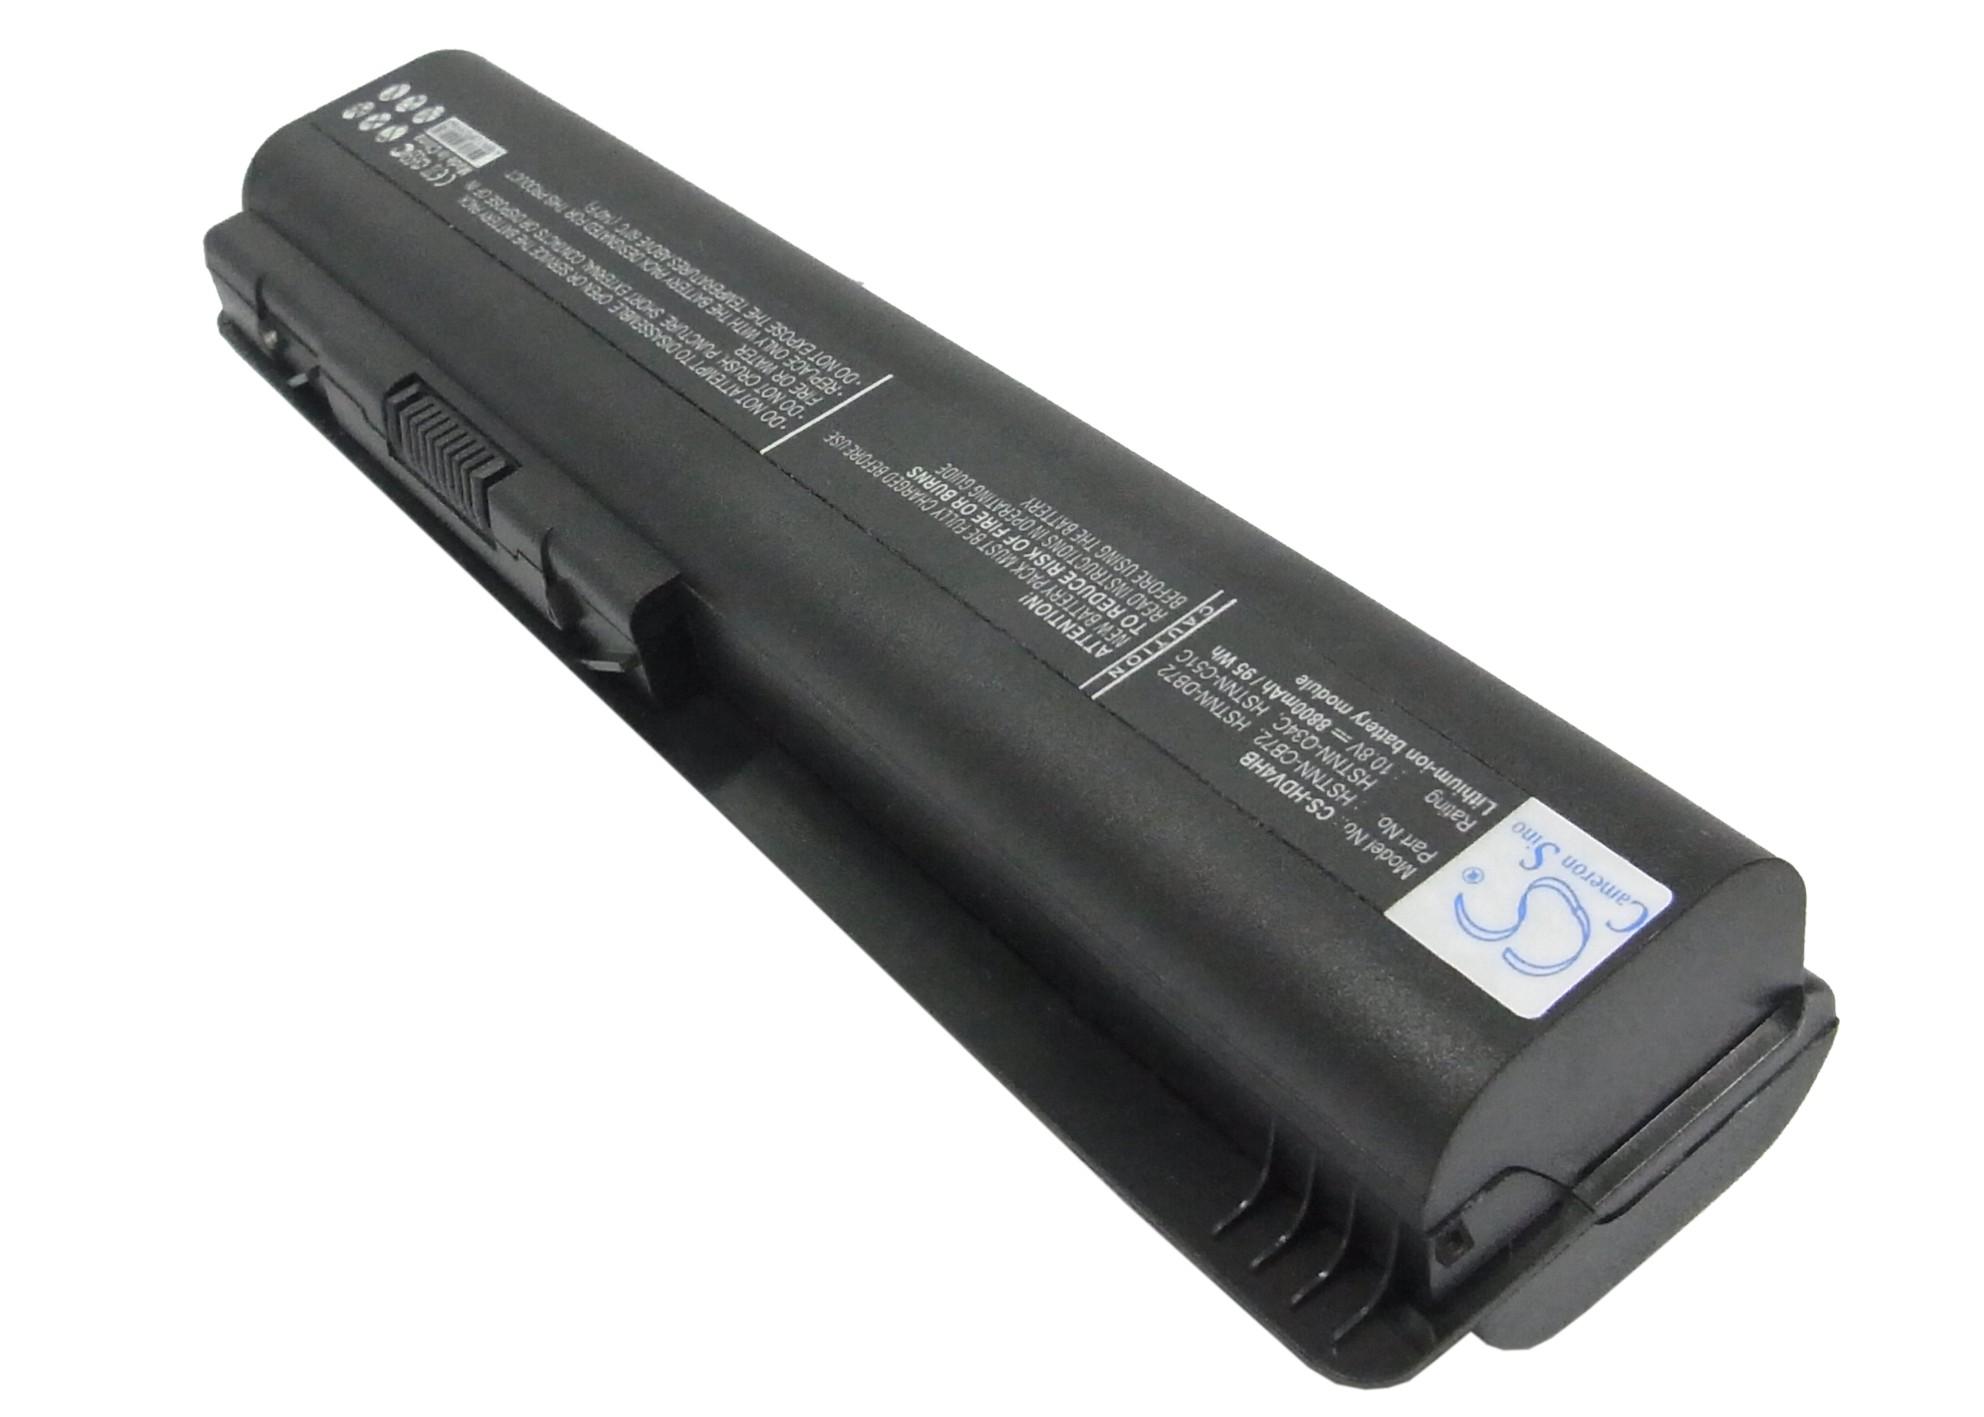 Cameron Sino baterie do notebooků pro COMPAQ Presario CQ60-208TX 10.8V Li-ion 8800mAh černá - neoriginální